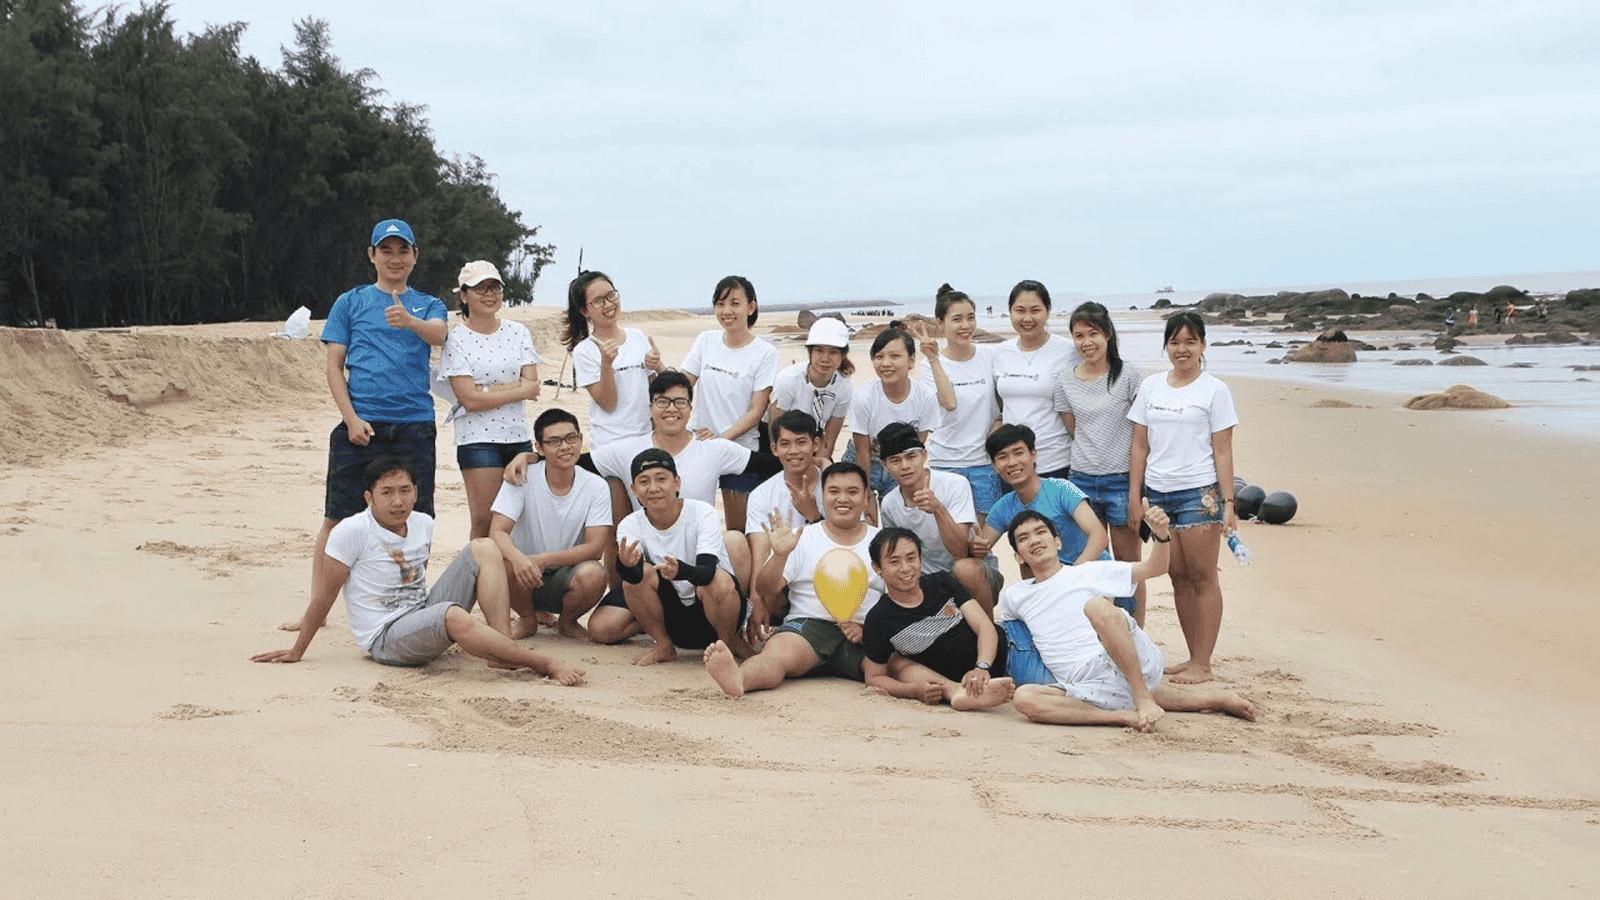 Biển Hồ Cốc là địa điểm lý tưởng để tổ chức team building